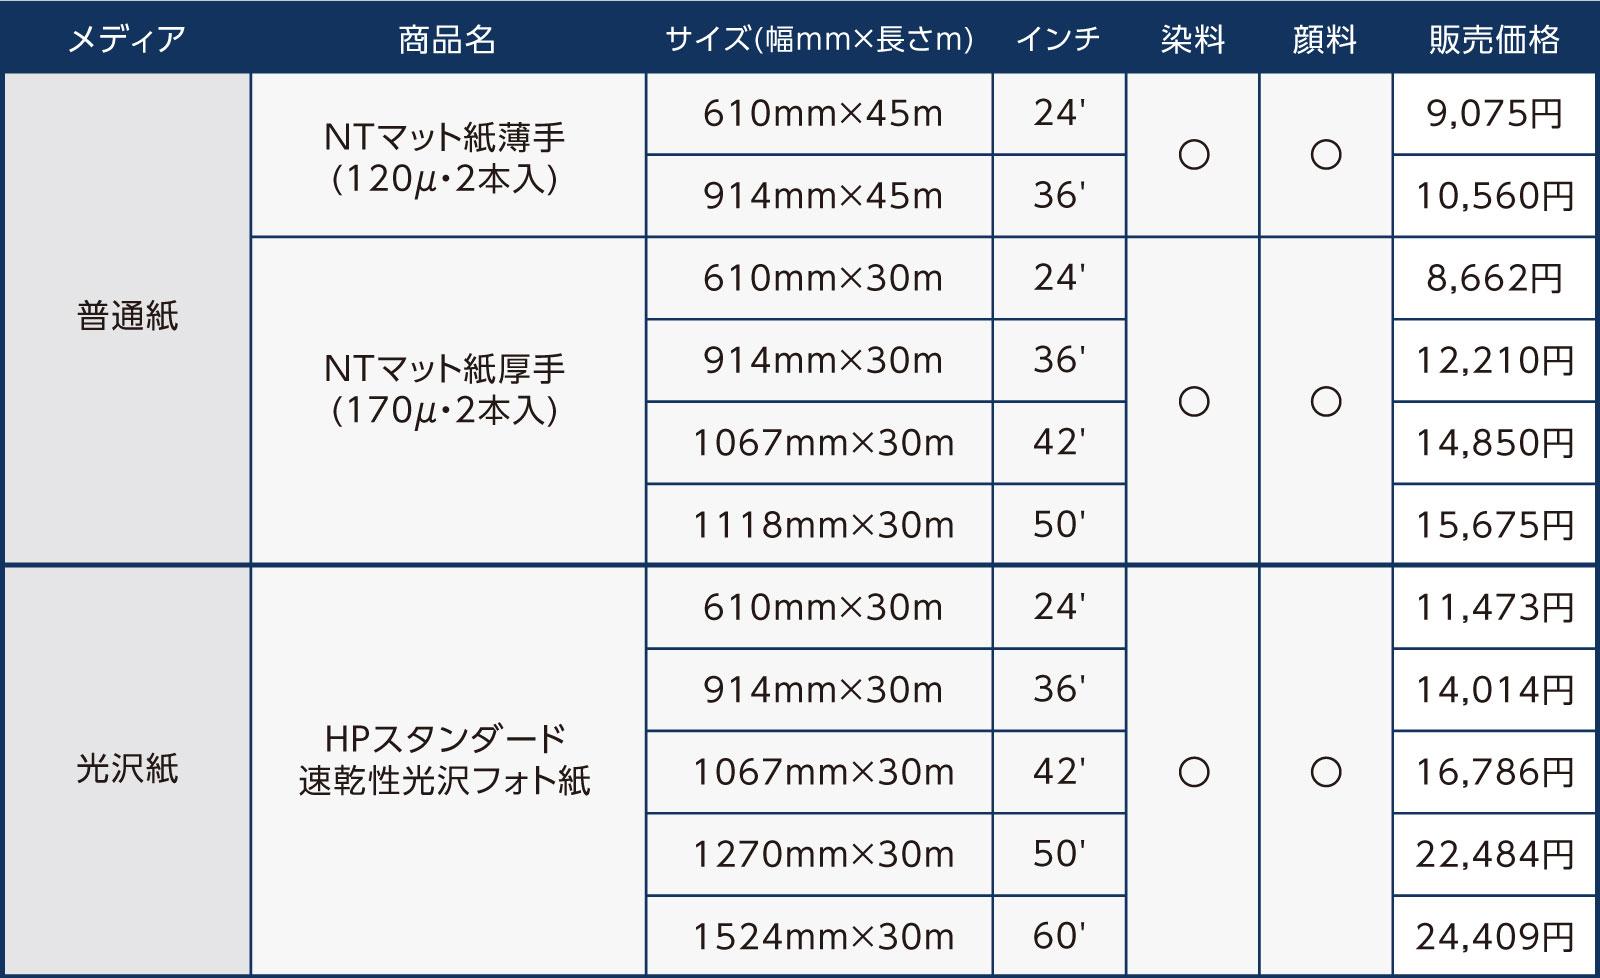 インクジェット用紙 比較表